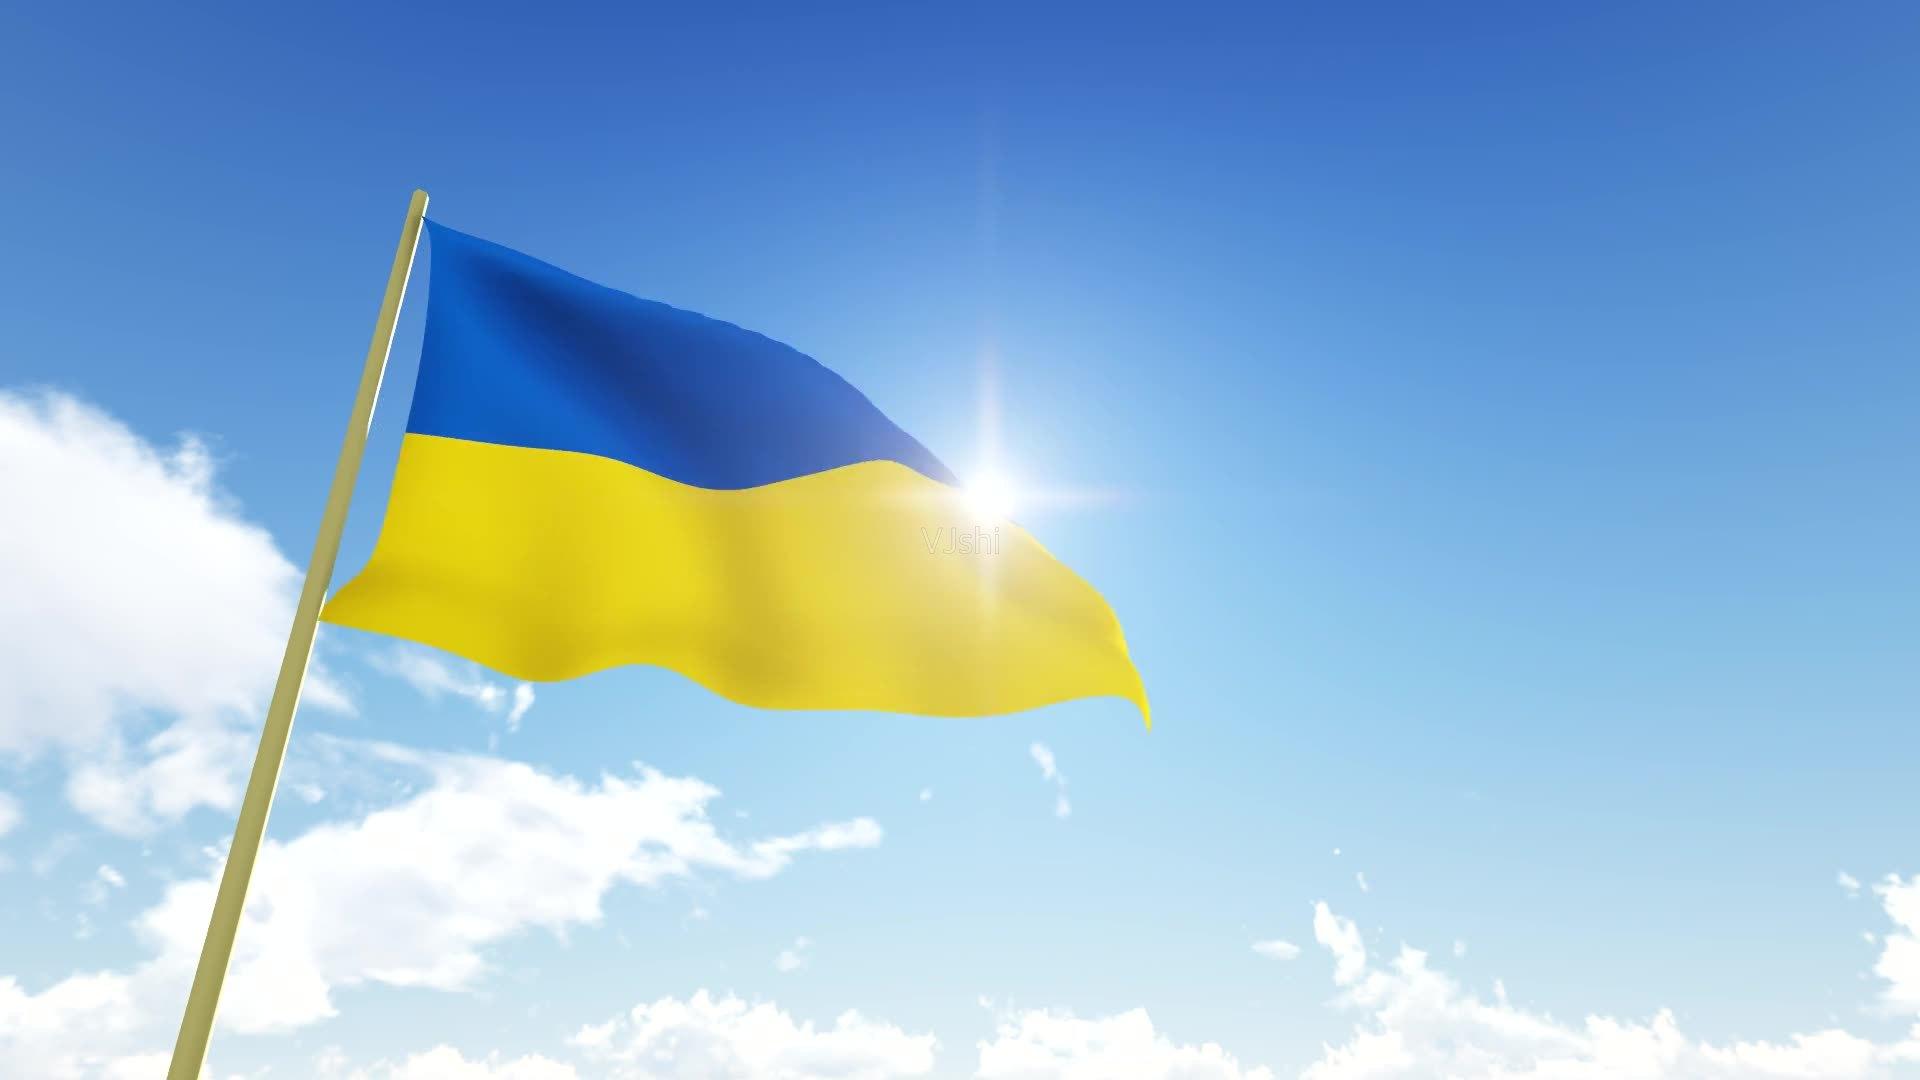 乌克兰立法打击电子烟:禁止公共场合使用与宣传,禁止调味烟油